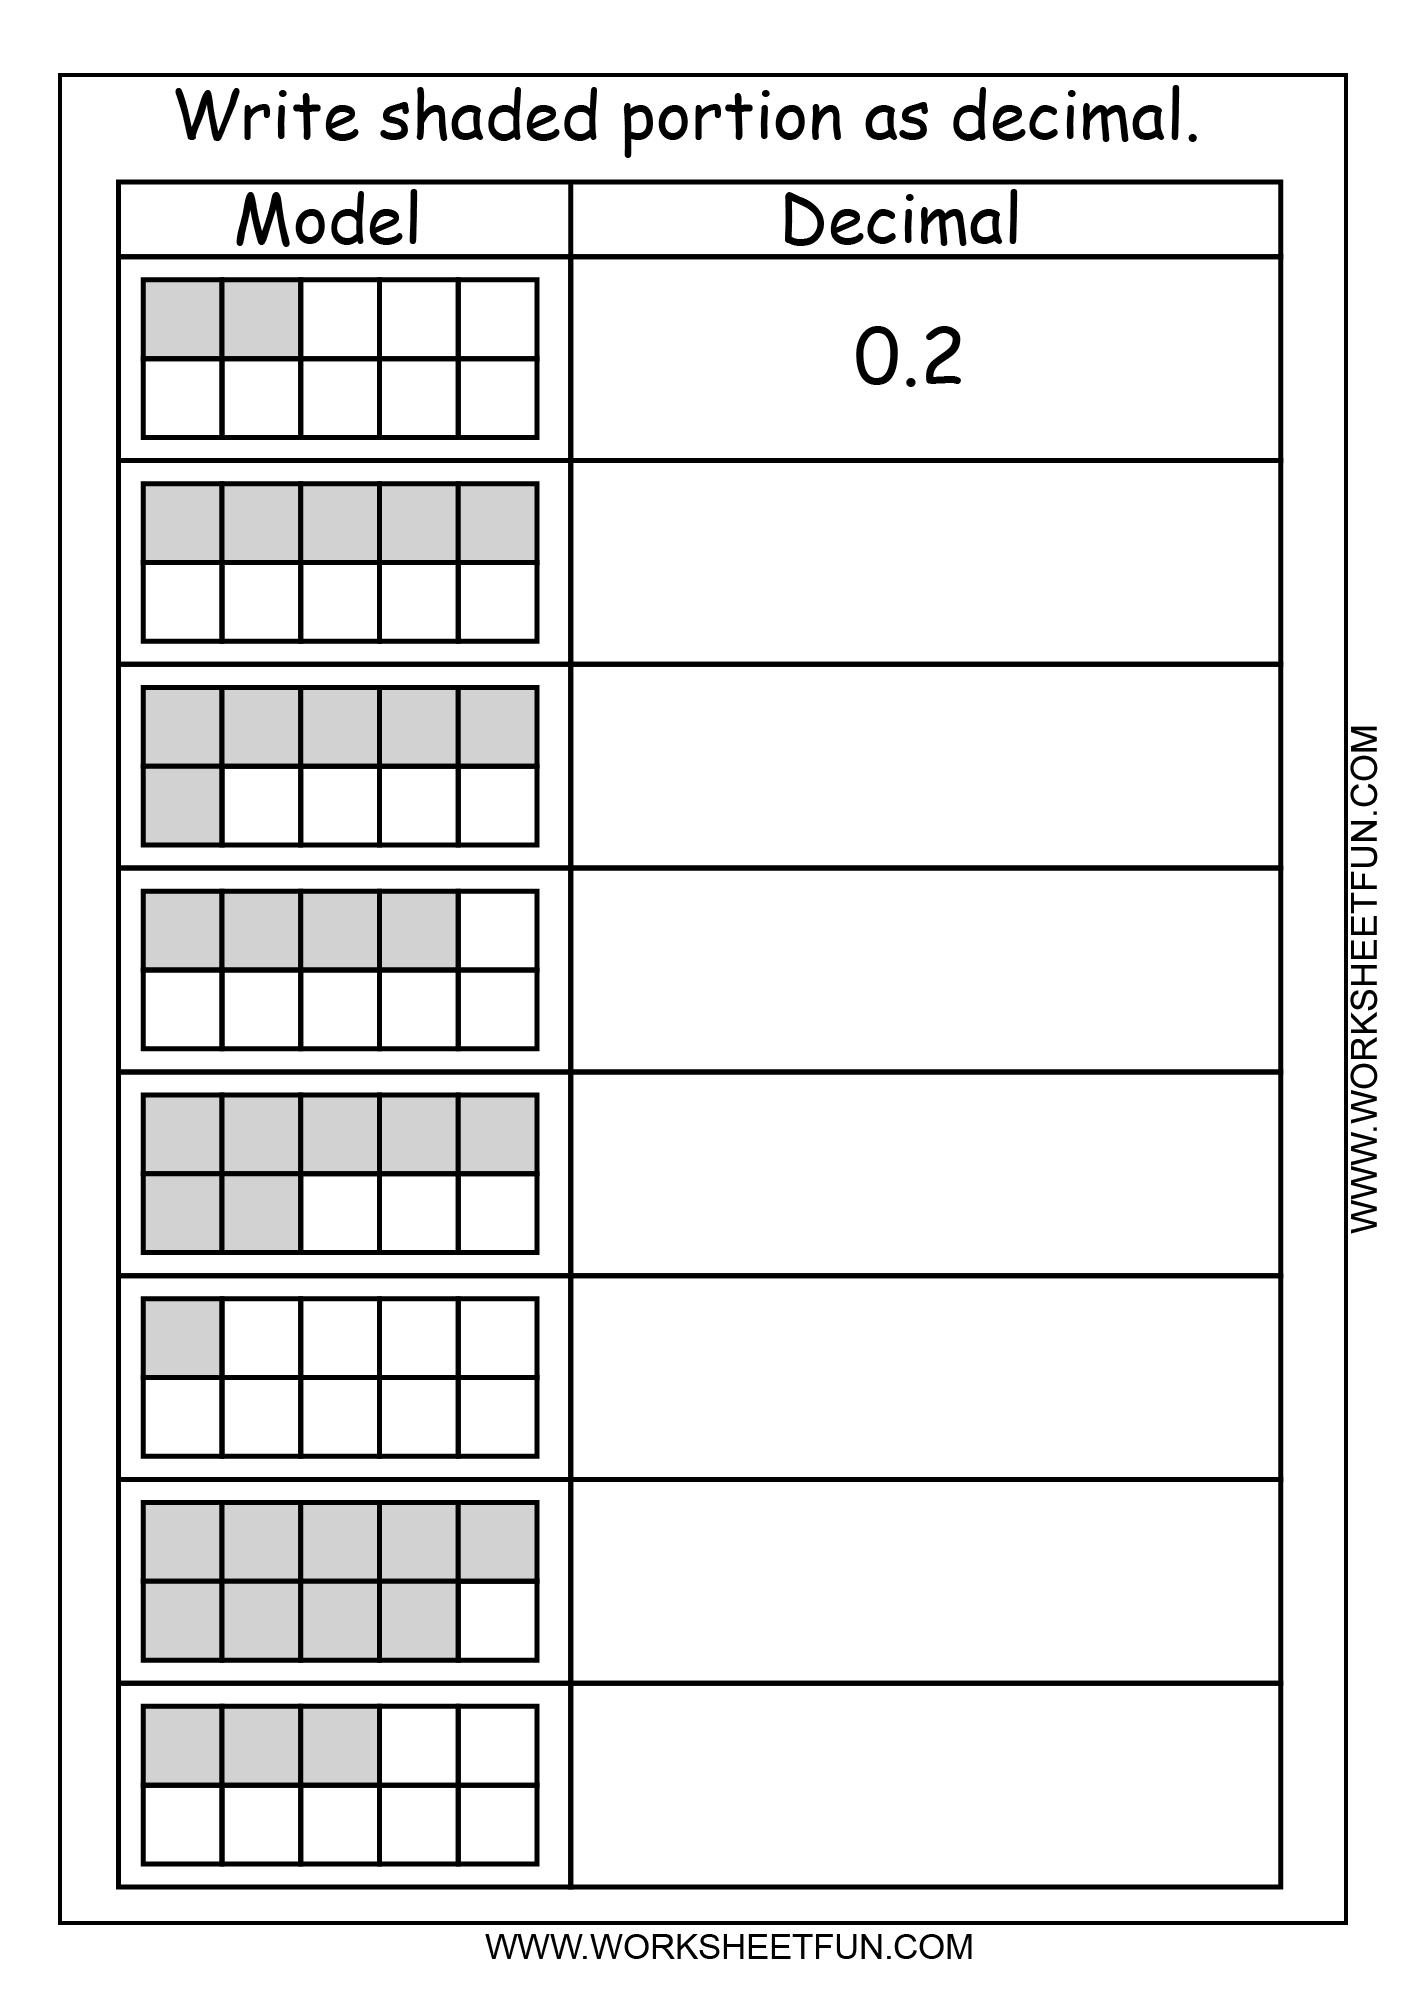 model decimal | printable worksheets | pinterest | math, worksheets